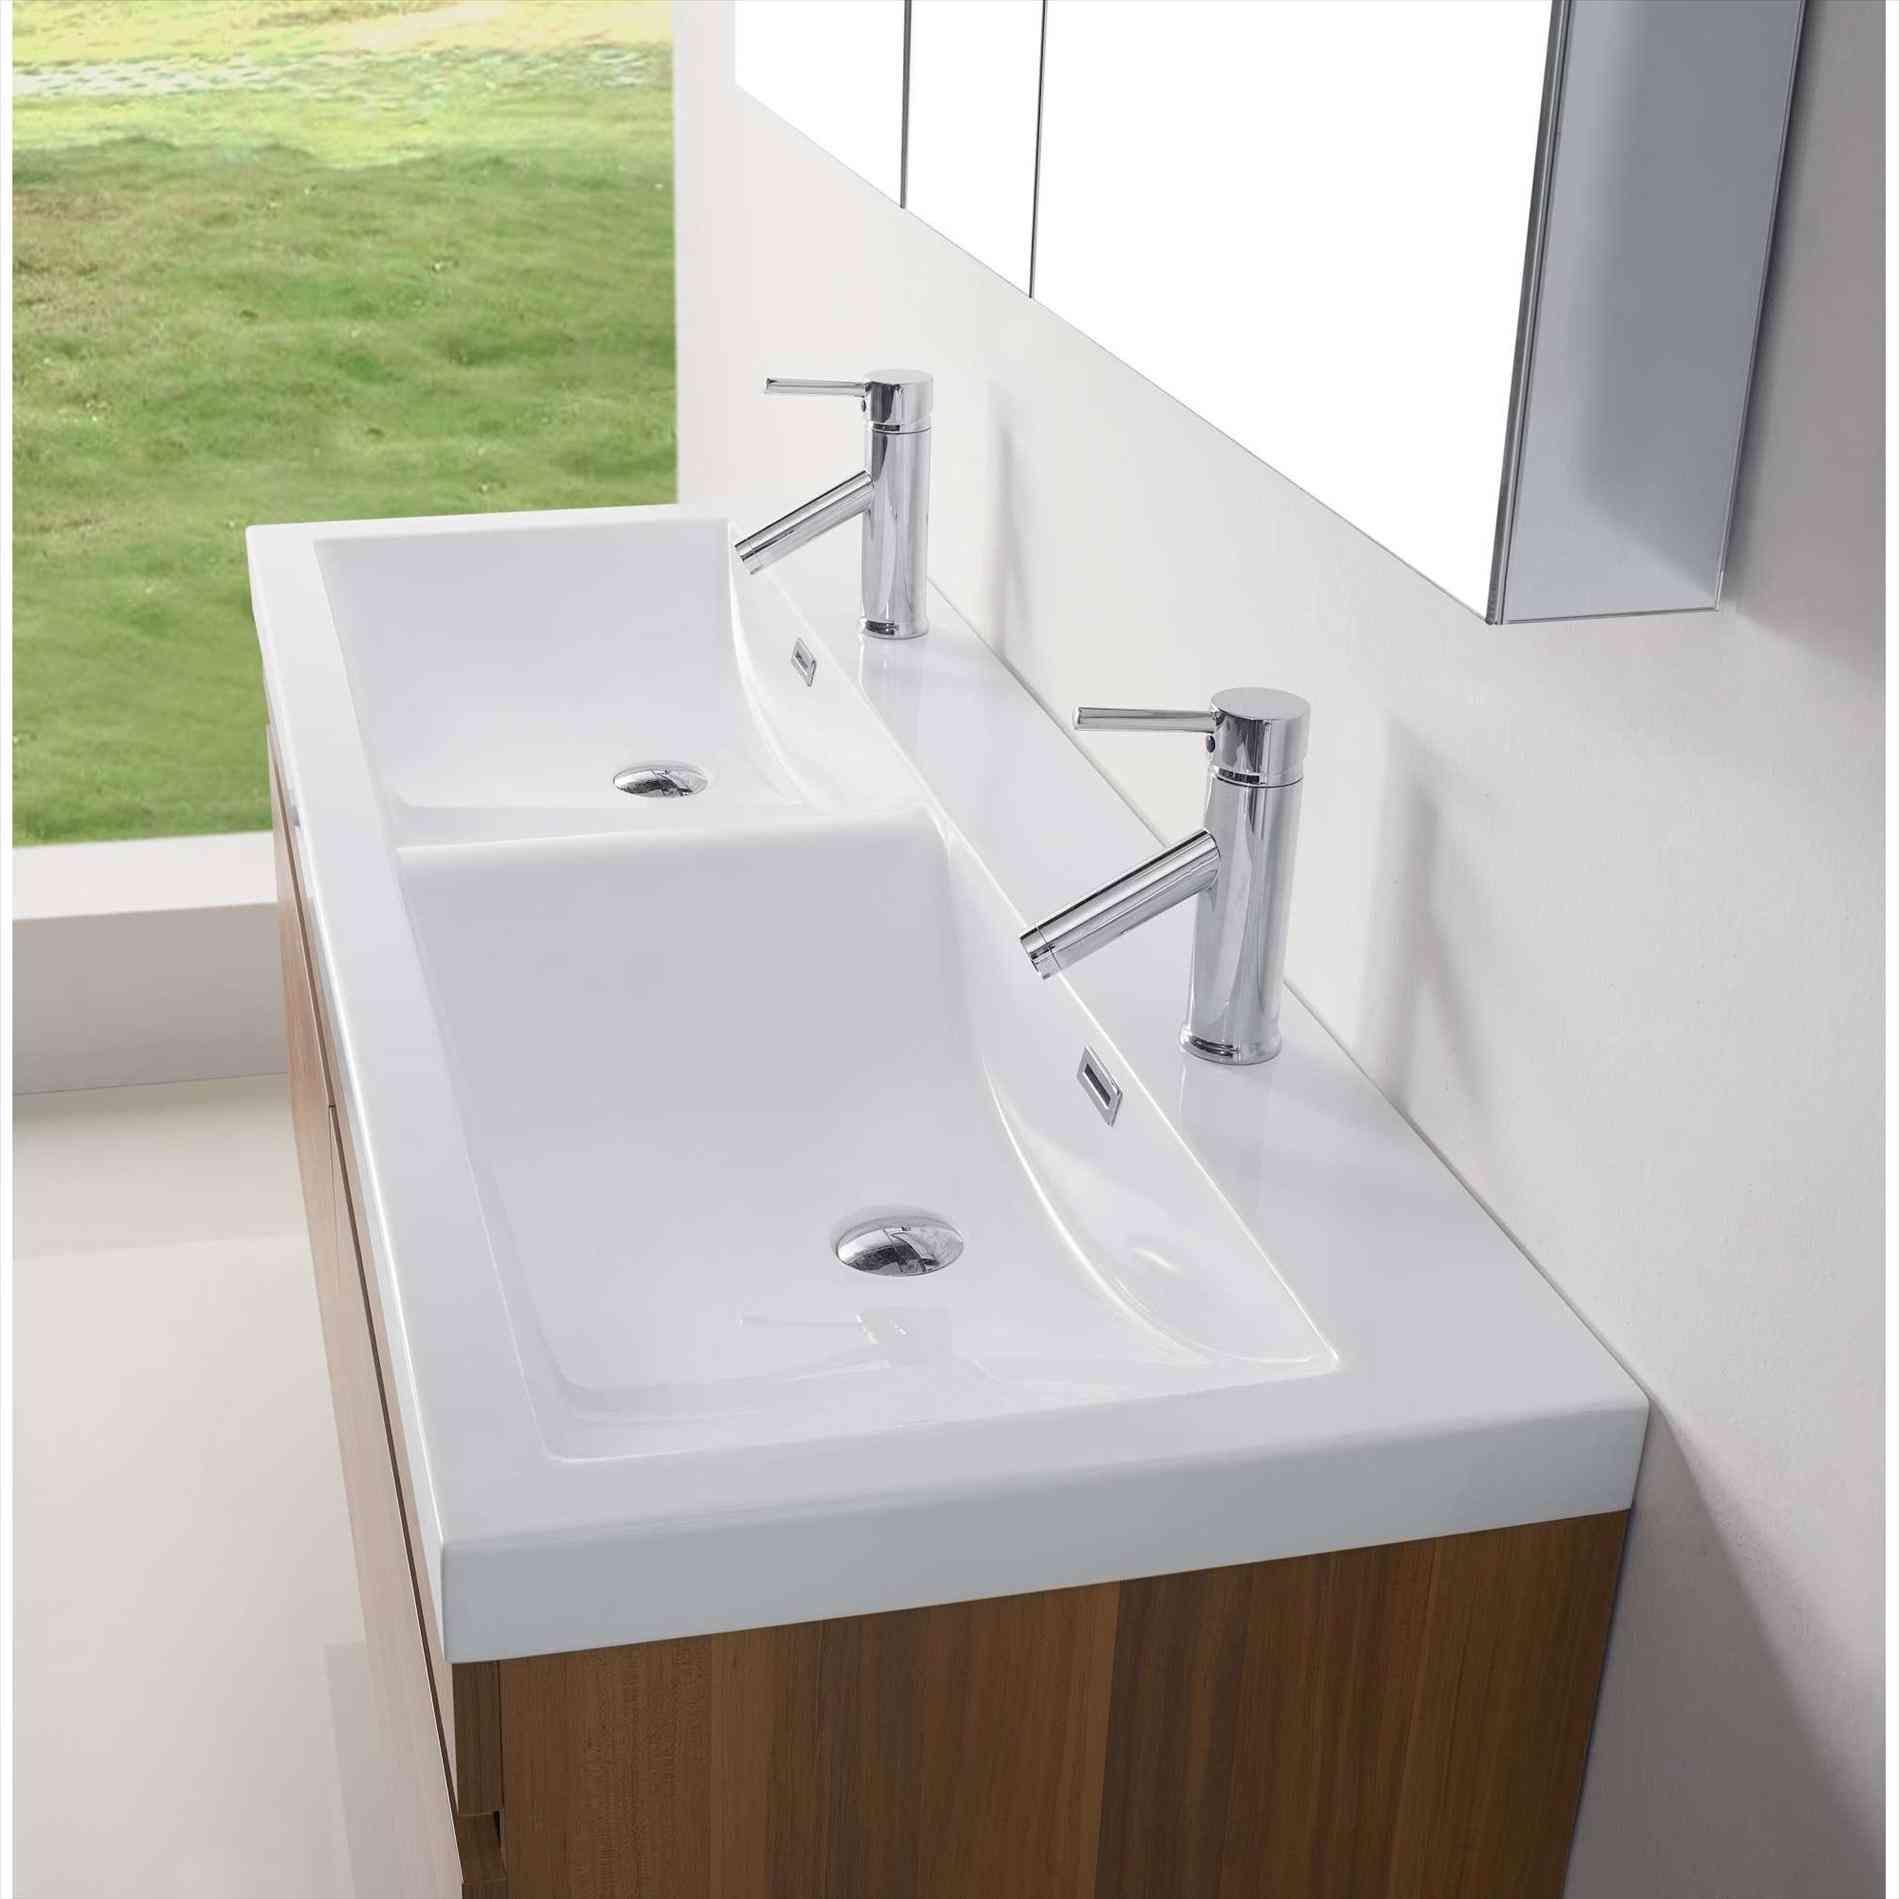 bathroom vanity manufacturers. New Post Bathroom Vanity Manufacturers I